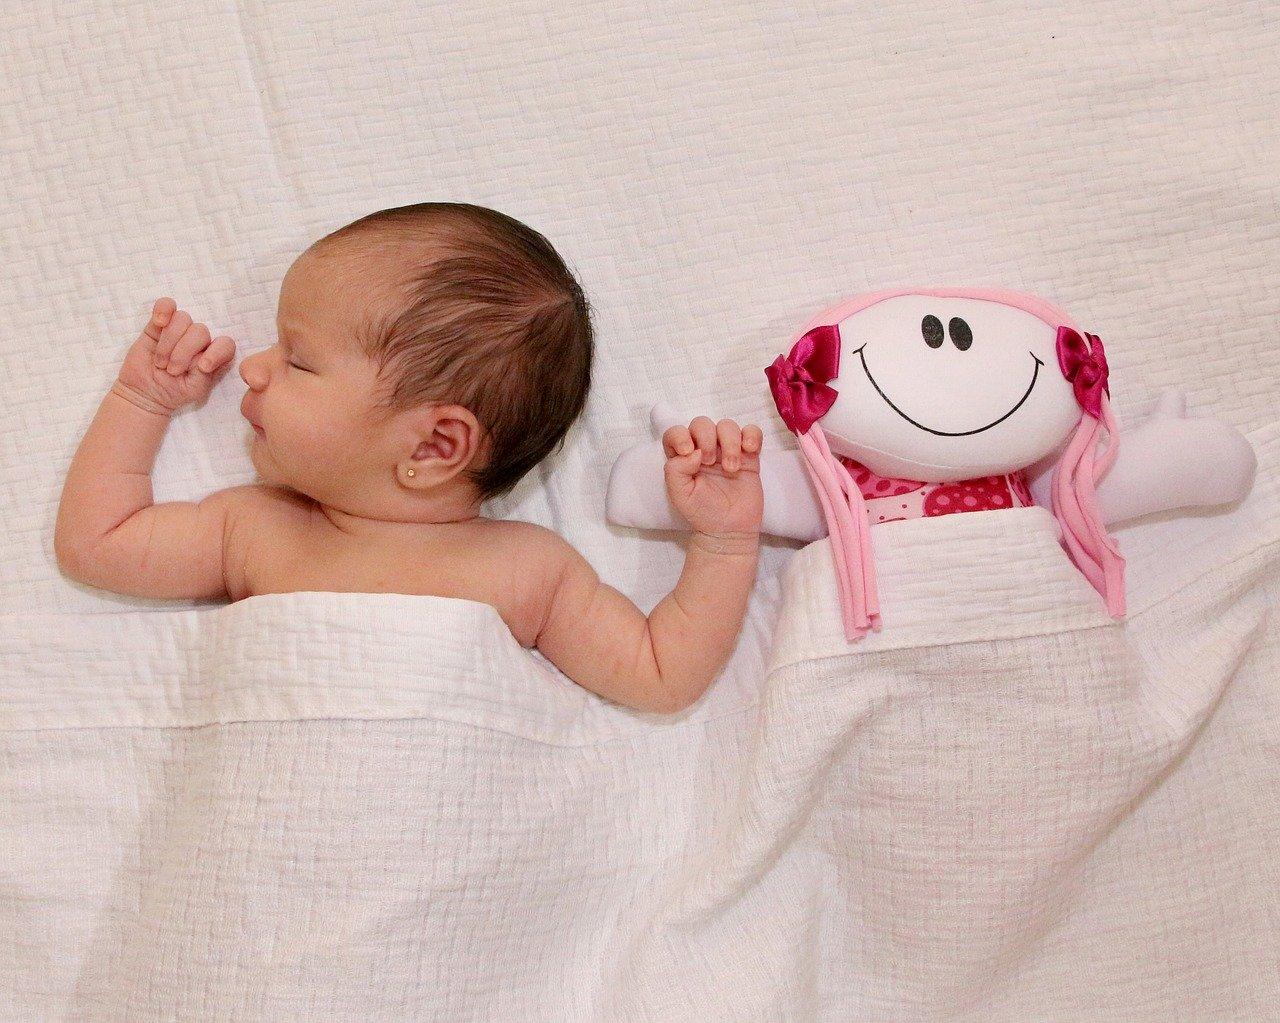 À quel âge peut-on laisser son bébé dormir avec son doudou?